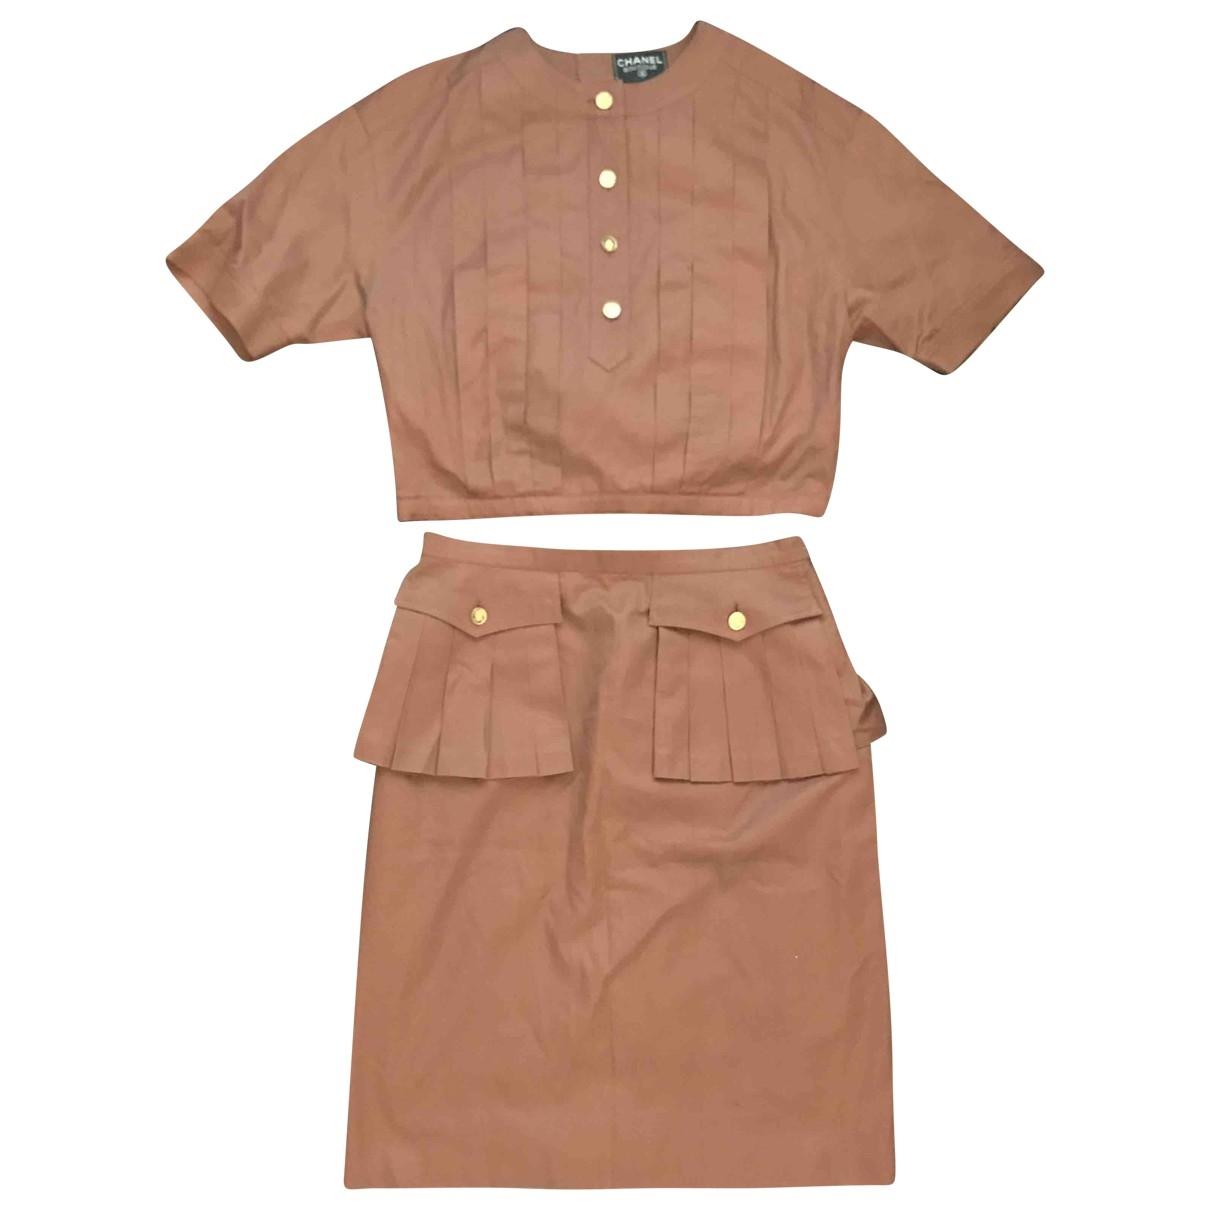 Chanel - Top   pour femme en coton - marron